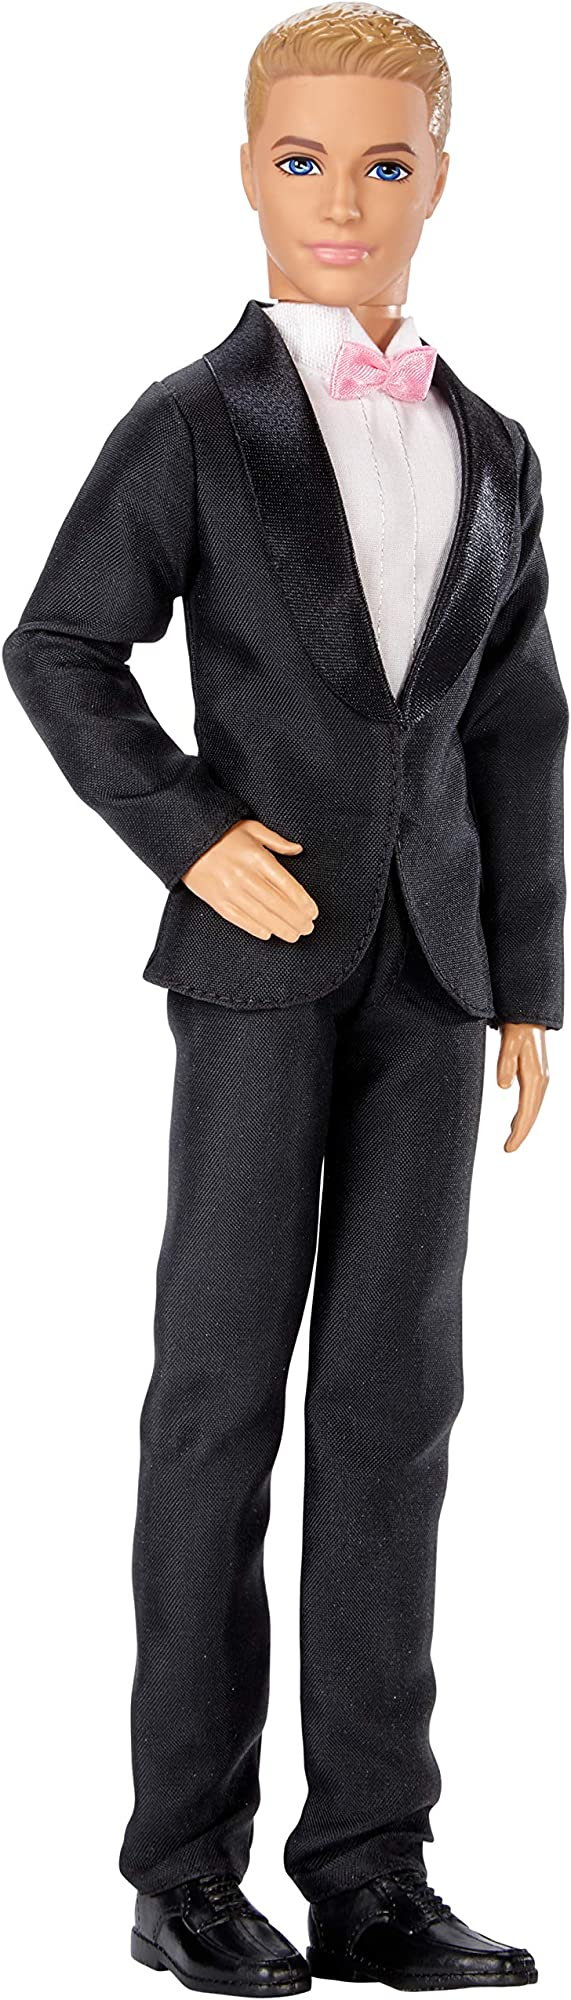 barbie ken sposo statuetta dvp39